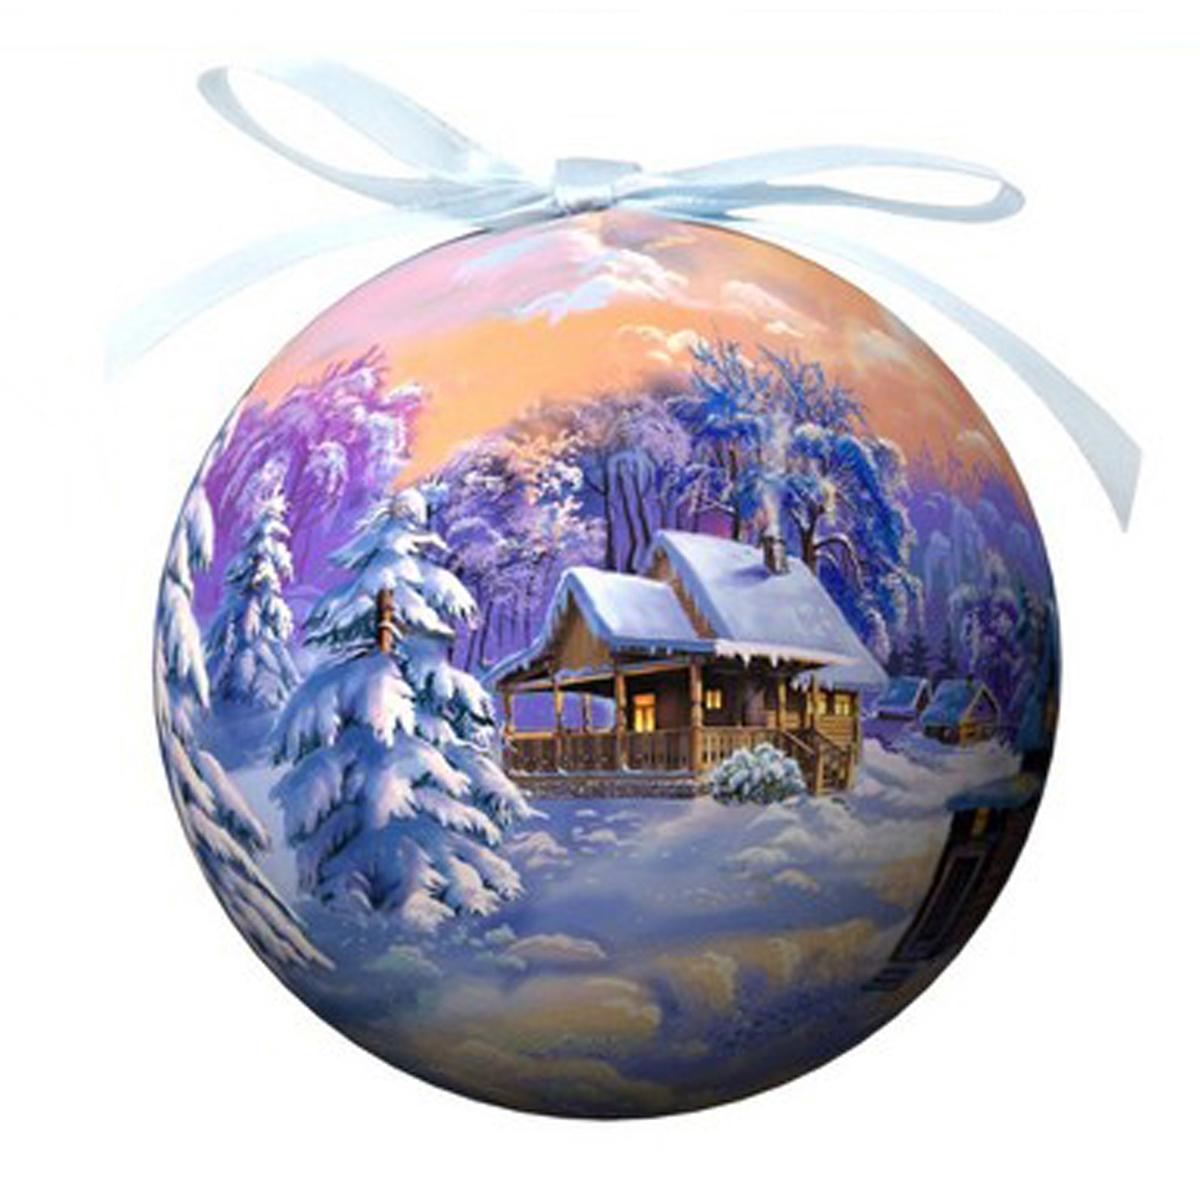 Елочное украшение Шар. Зимний пейзаж, диаметр 10 см. 20318NLED-454-9W-BKОригинальное подвесное украшение Шар. Зимний пейзаж прекрасно подойдет для праздничного декора дома и новогодней ели. Шар, выполненный из пластмассы, оформлен красочным изображением зимней природы. Благодаря плотному корпусу изделие никогда не разобьется, поэтому вы можете быть уверены, что оно прослужит вам долгие годы. С помощью атласной ленточки фиолетового цвета украшение можно повесить на новогоднюю елку. Елочная игрушка - символ Нового года. Она несет в себе волшебство и красоту праздника. Создайте в своем доме атмосферу веселья и радости, украшая новогоднюю елку нарядными игрушками, которые будут из года в год накапливать теплоту воспоминаний. Характеристики:Материал: пластмасса (вспененный полистирол), текстиль. Диаметр шара: 10 см. Размер упаковки: 11 см х 11 см х 14,5 см. Производитель: Россия. Изготовитель: Китай. Артикул: 20318.